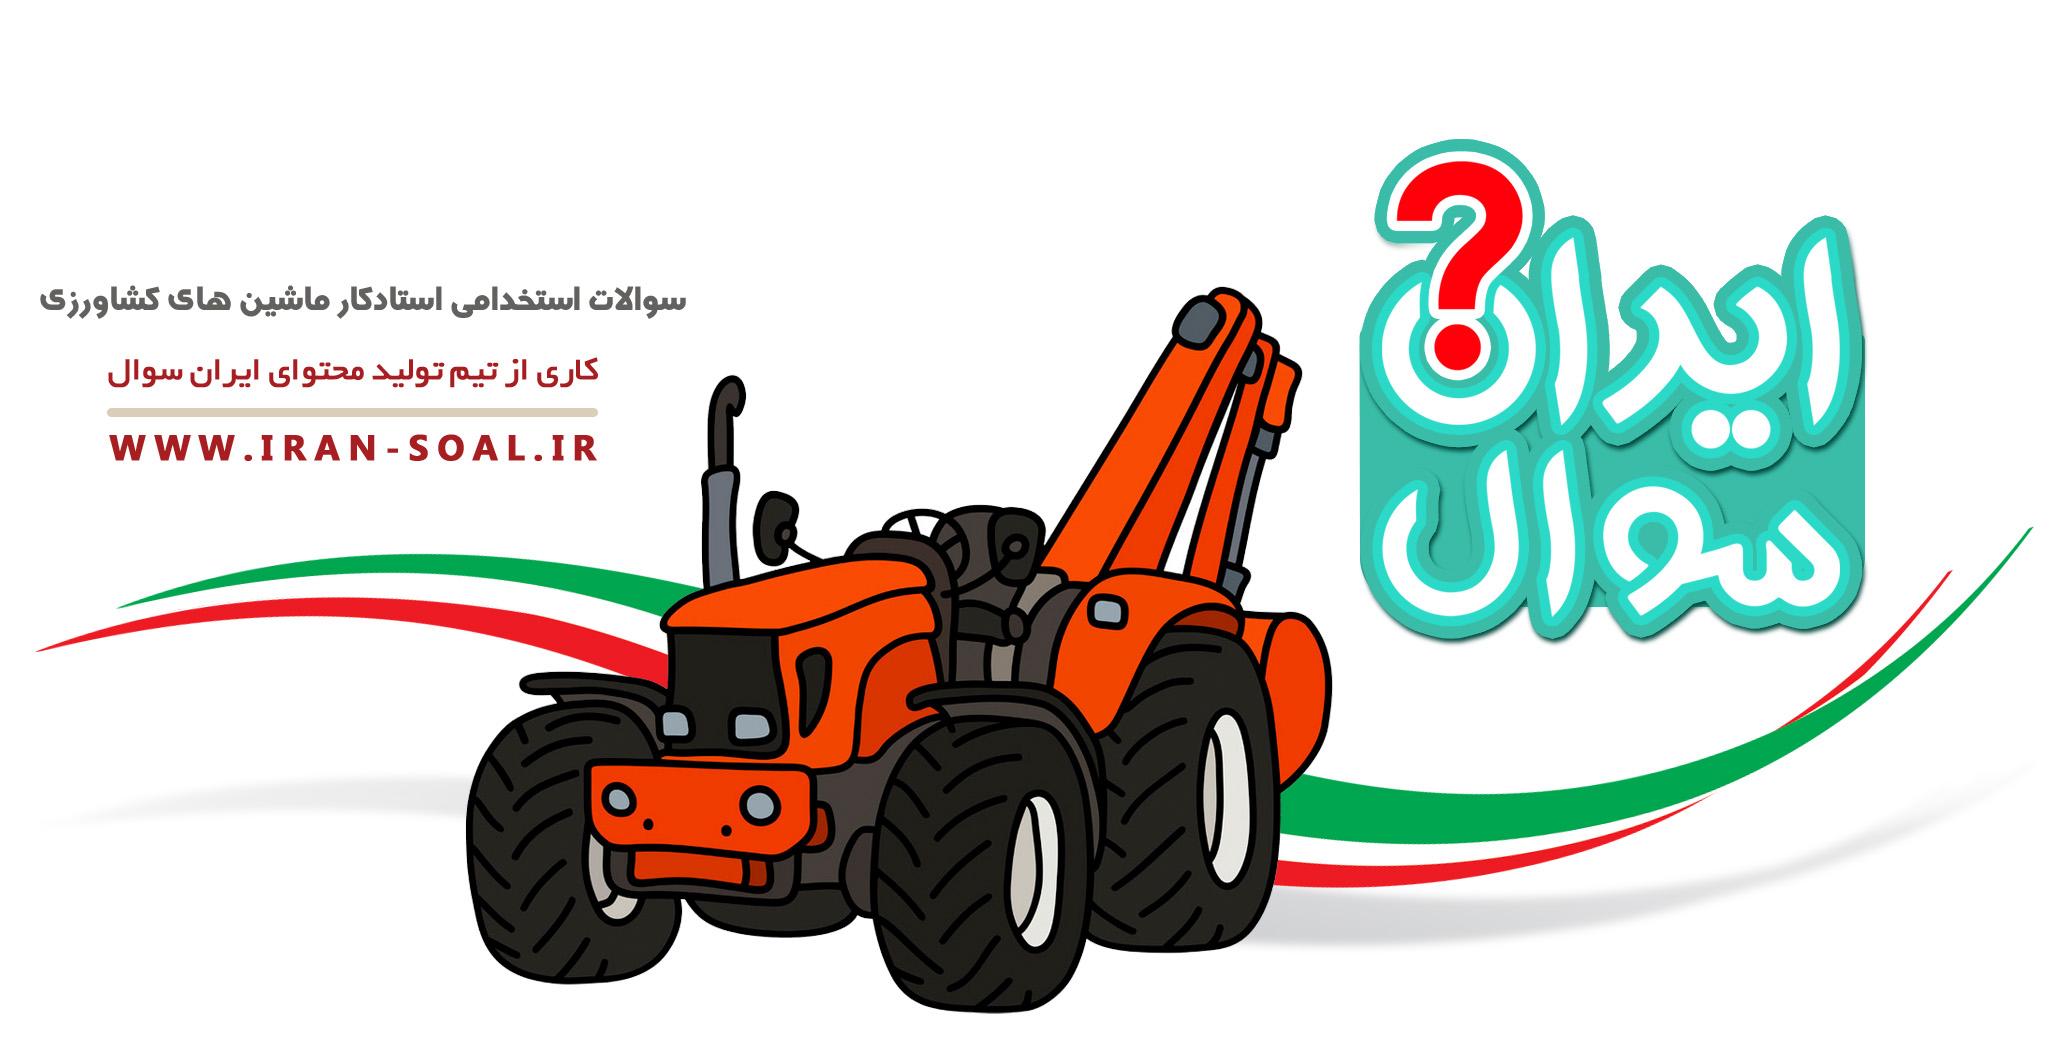 سوالات استخدامی استادکار ماشین های کشاورزی آموزش و پرورش